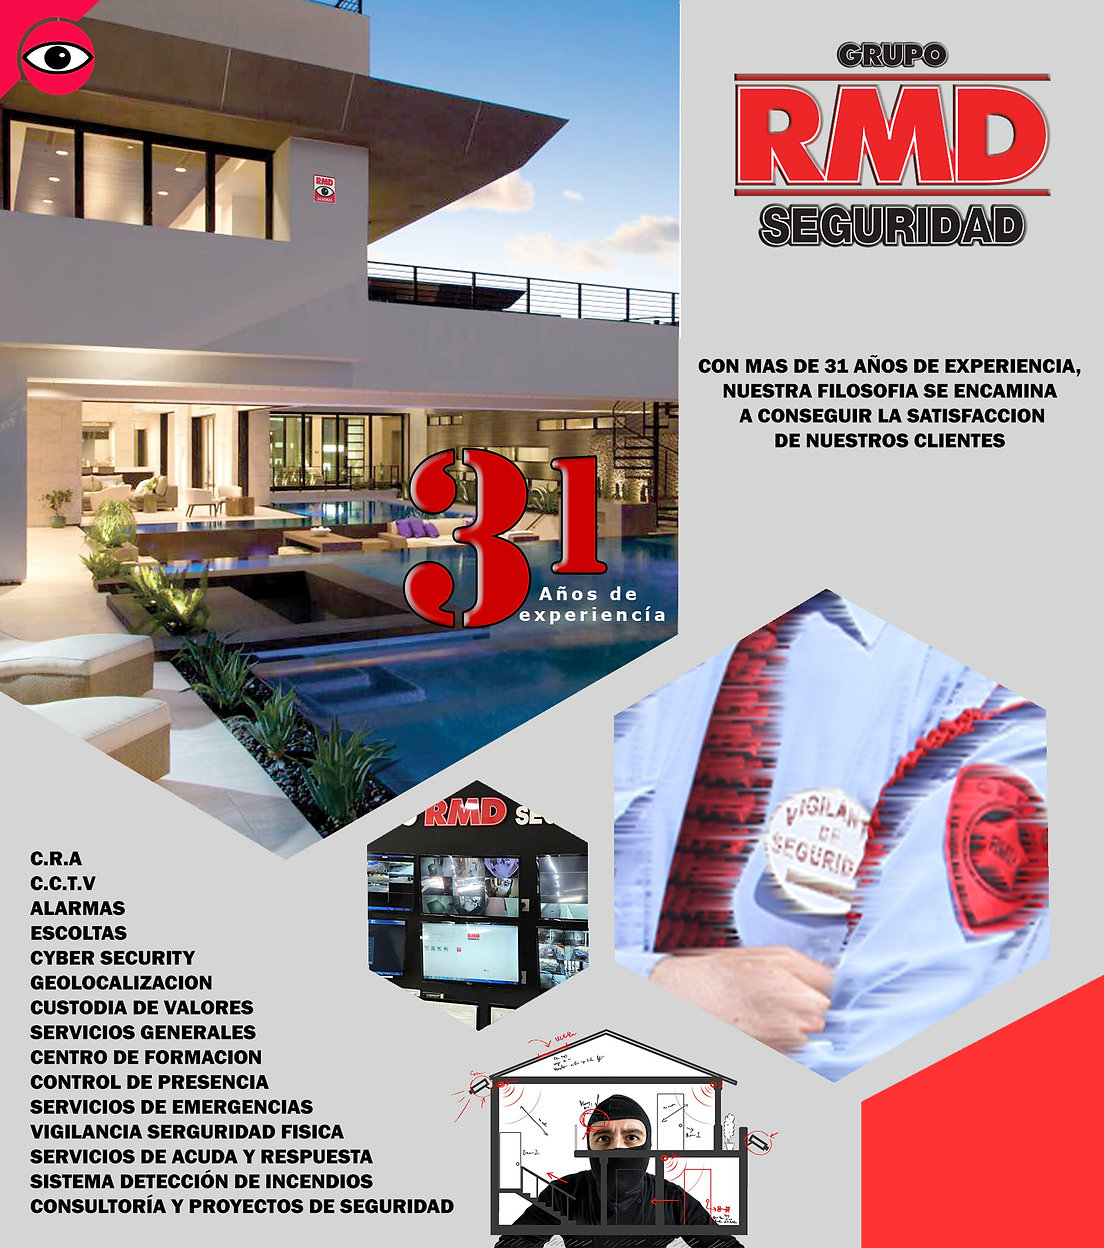 Grupo RMD Seguridad, vigilante, CRA, Cursos seguridad privada